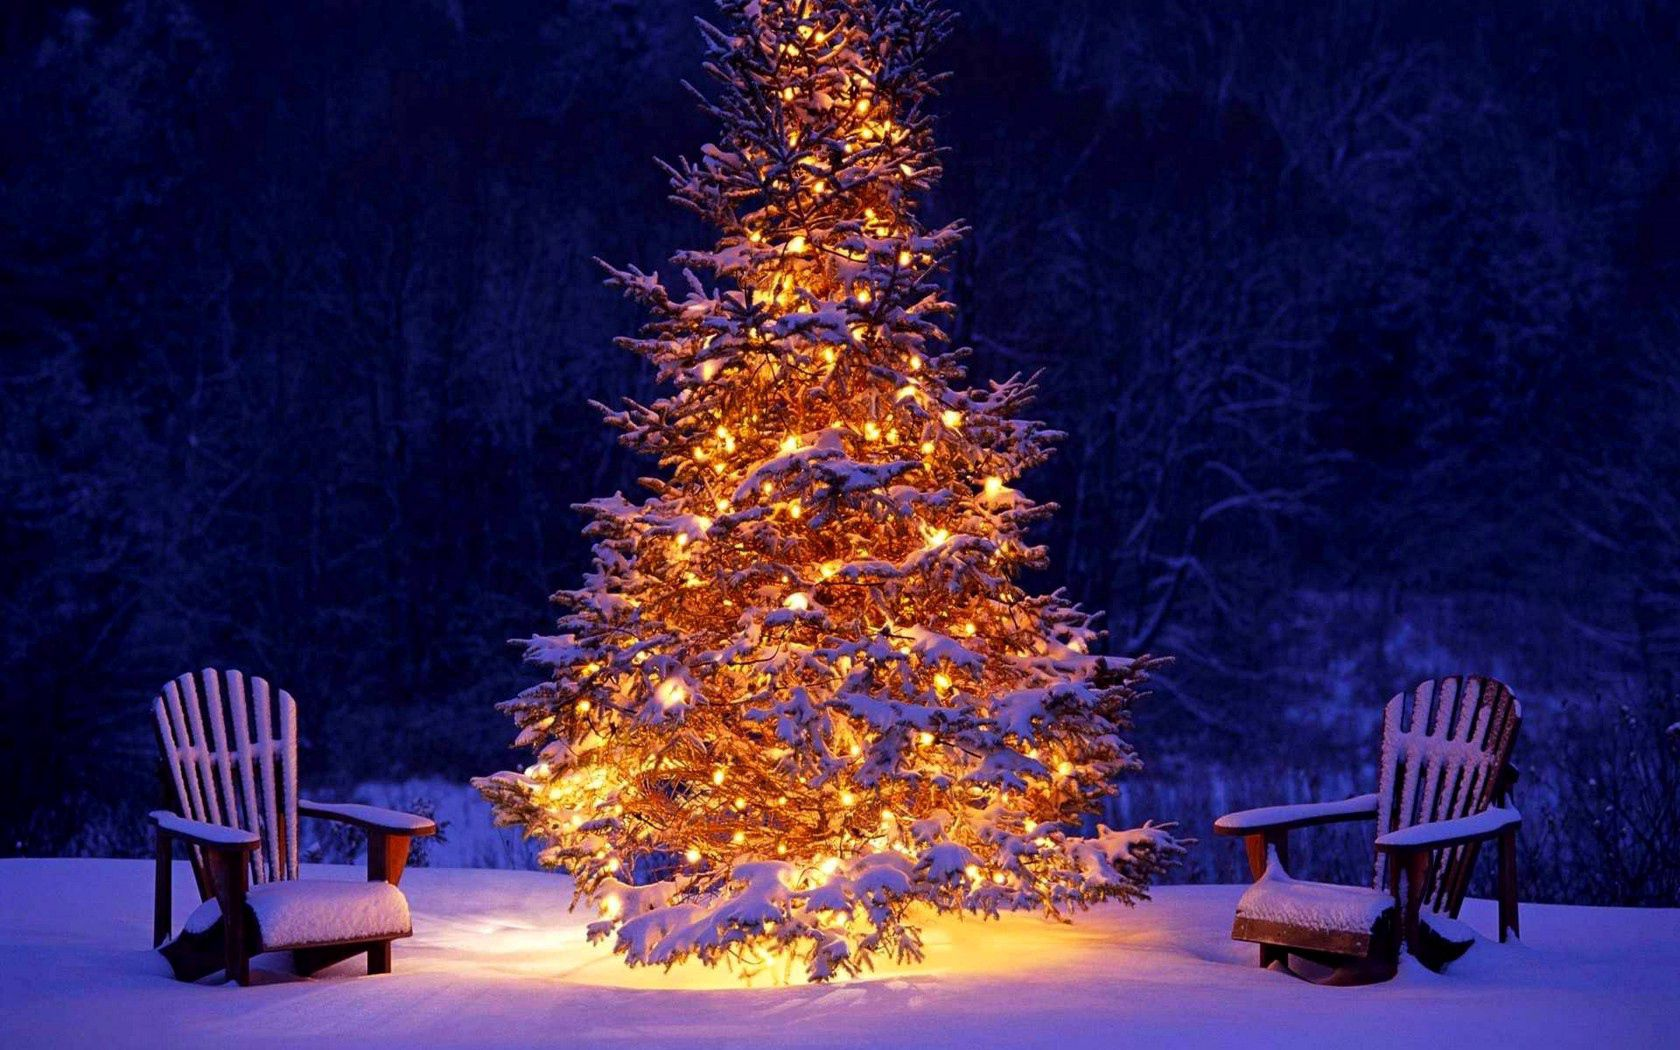 118196 скачать обои Новый Год, Елка, Праздники, Снег, Рождество, Украшение, Стулья, Гирлянды - заставки и картинки бесплатно